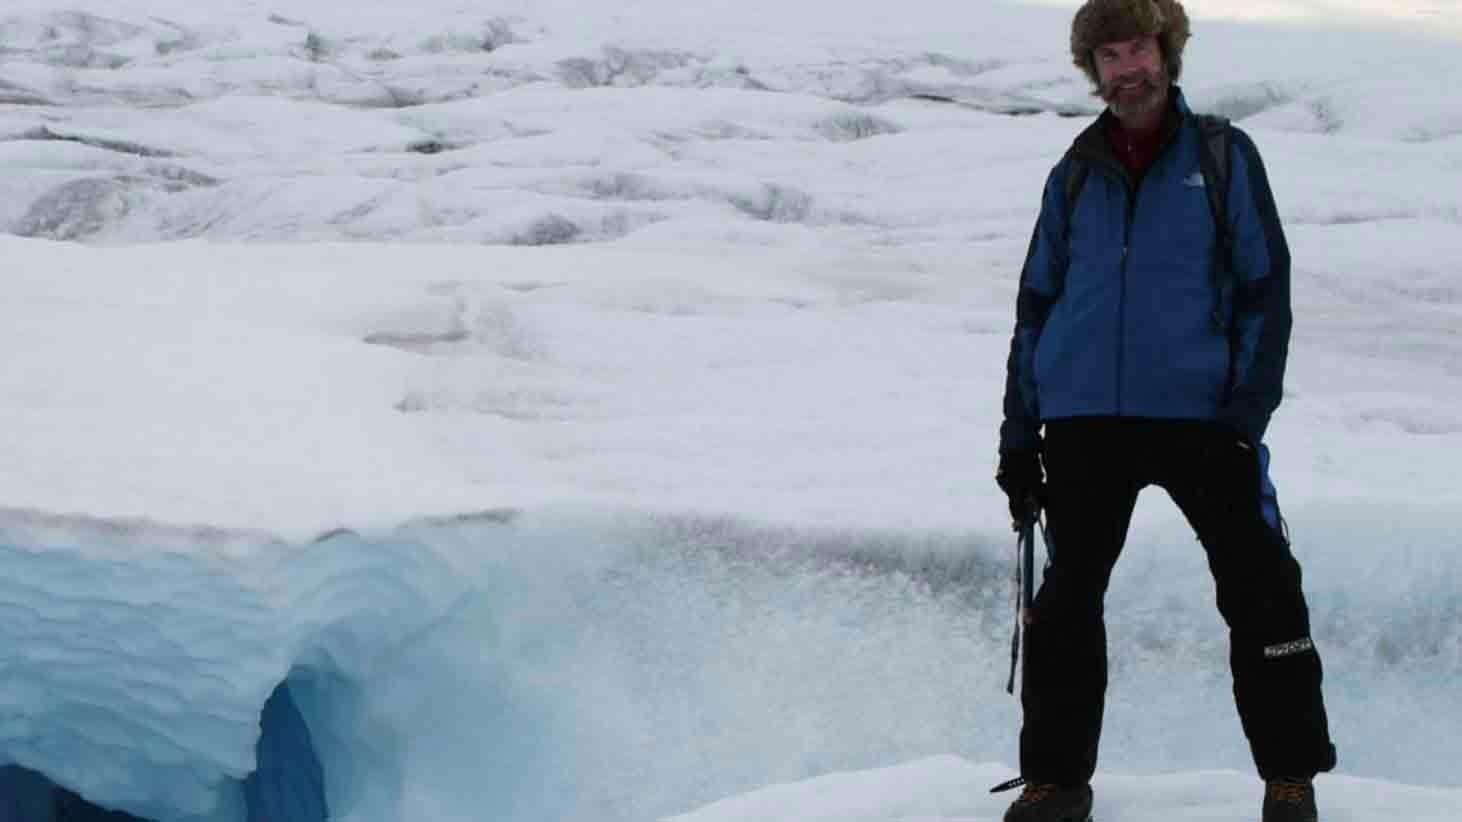 Prominent Climate Change Scientist Konrad Steffen Dies in Greenland